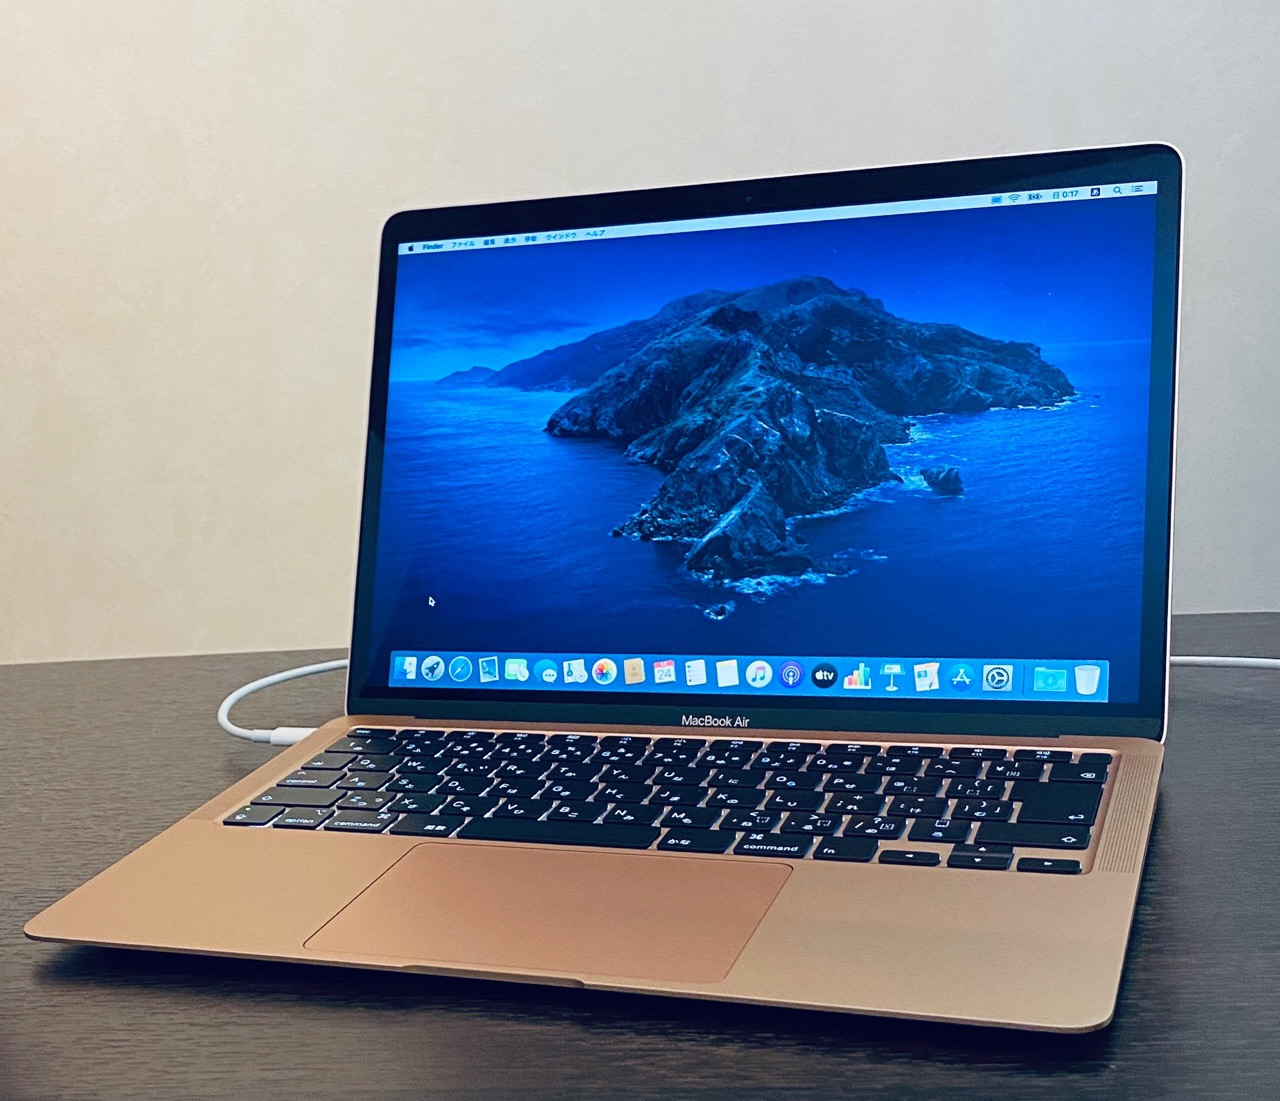 MacBook Air 2020 ヽ(=´▽`=)ノ ここから自分好みに設定していく。 https://t.co/jl4Wco85jV